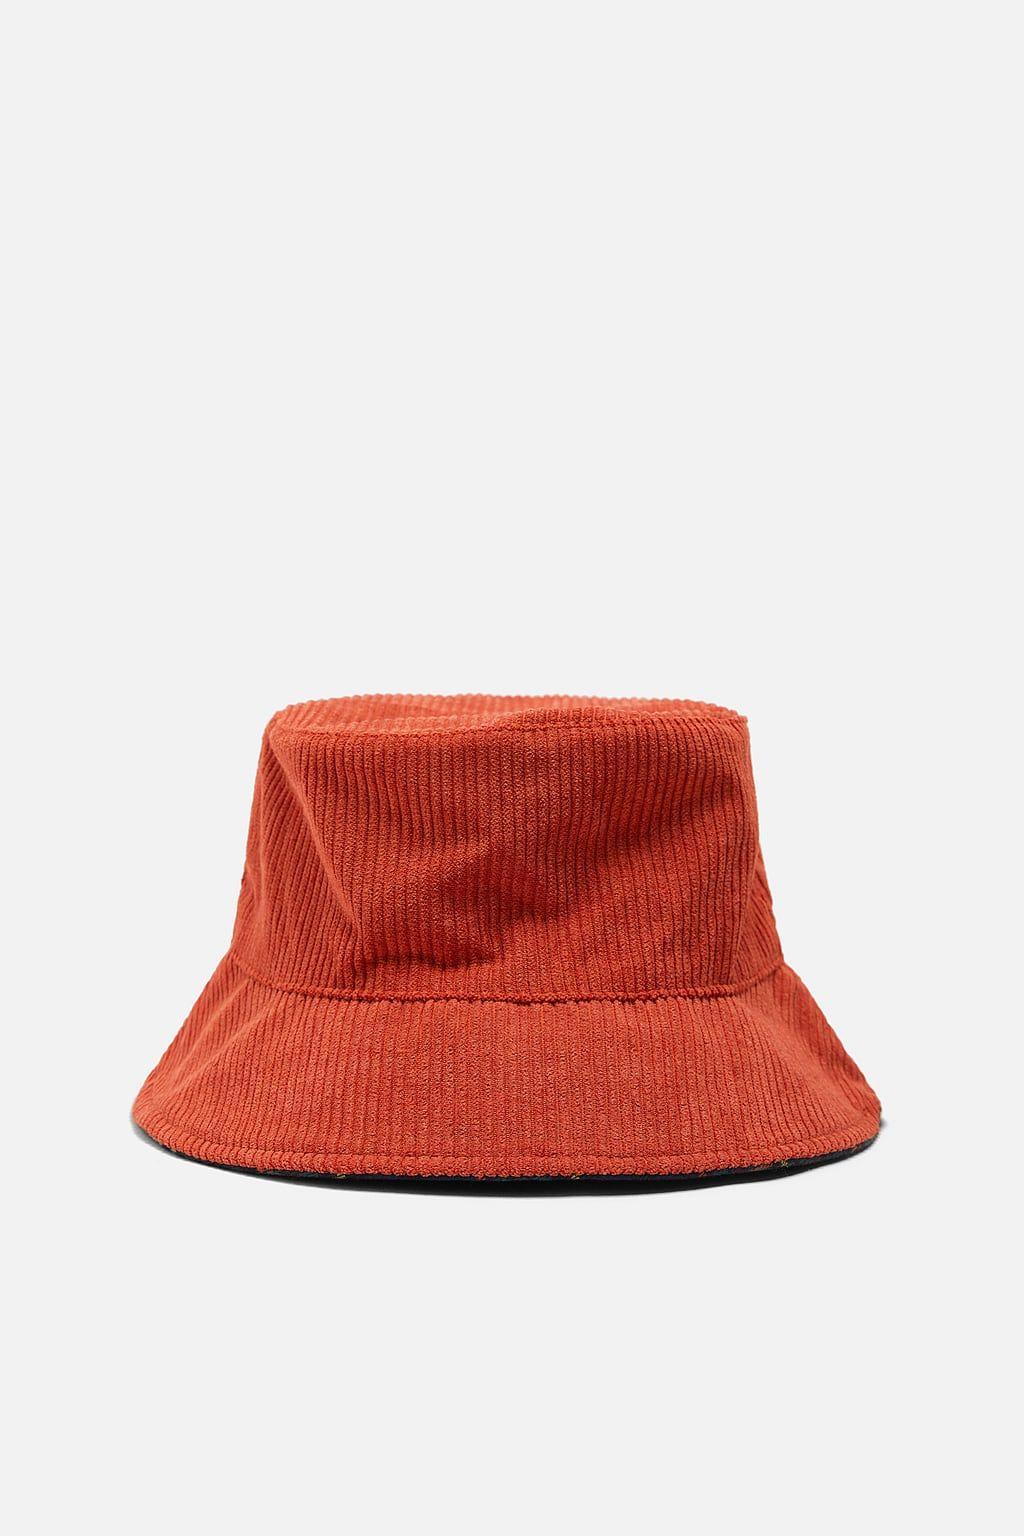 Pet Collection Leather Bandana Collar Corduroy Bucket Hat Kids Corduroy Hats